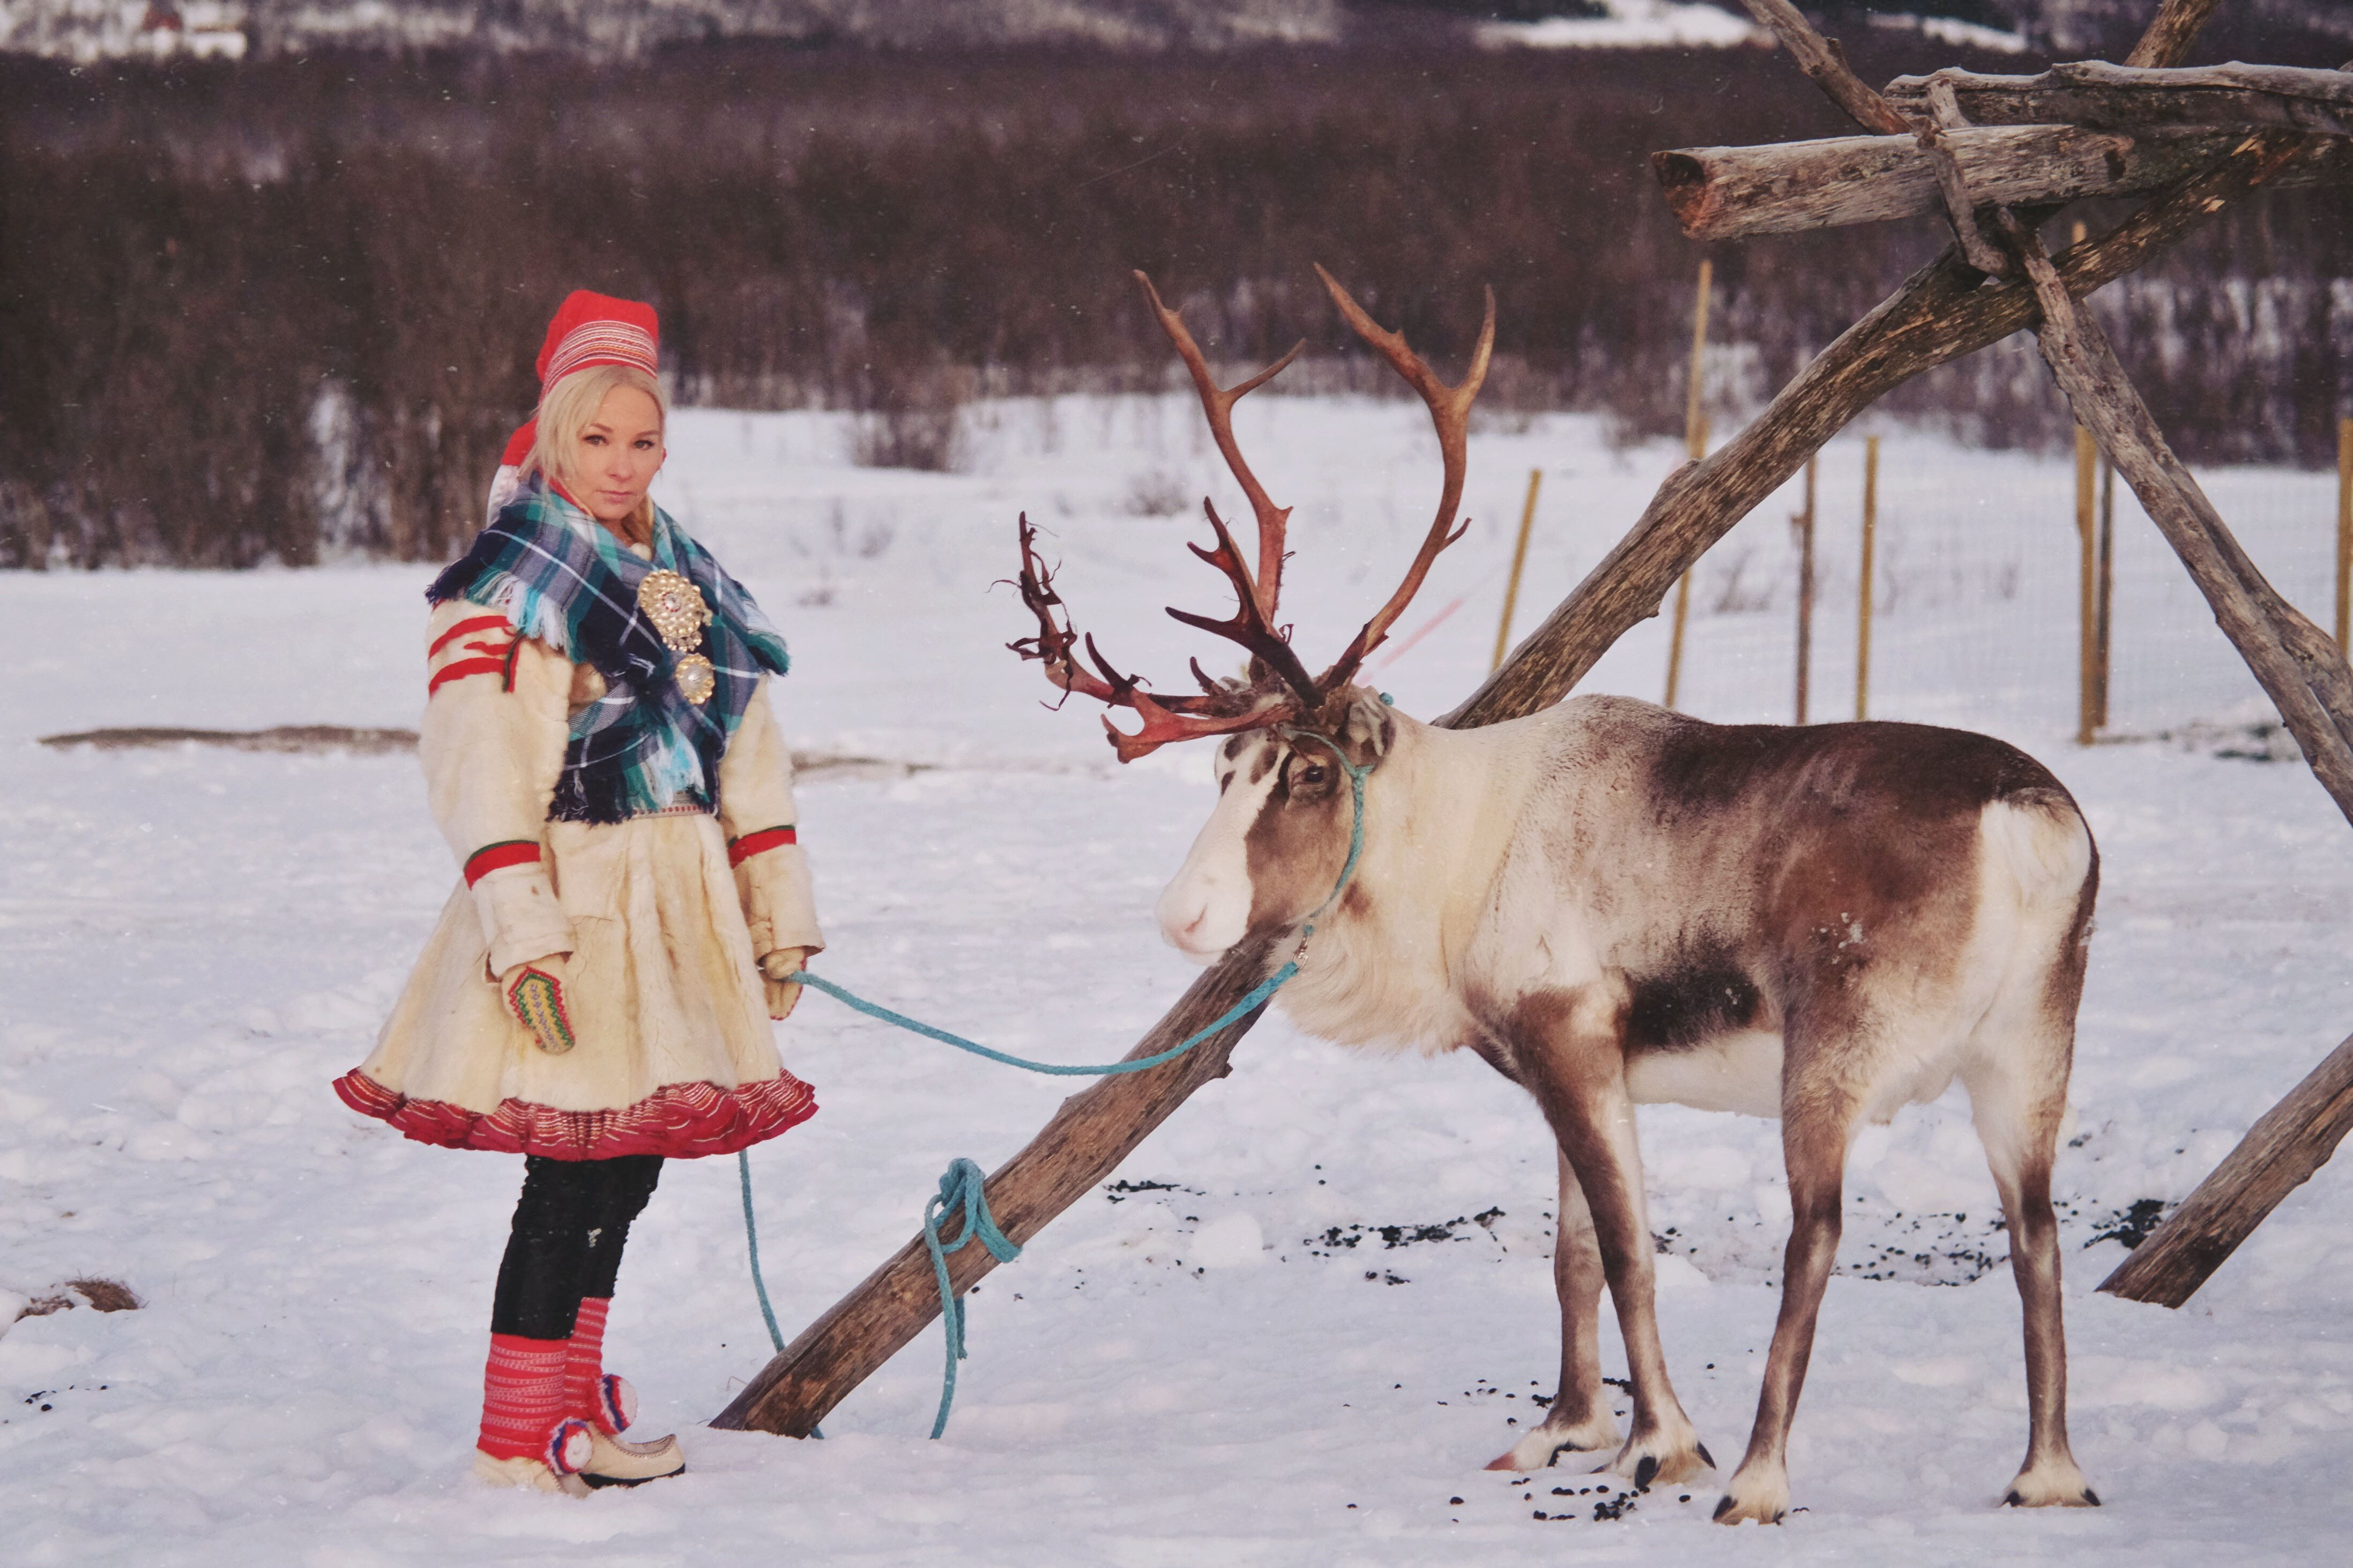 Reinsledekjøring med samisk kultur - Tromsø Lapland